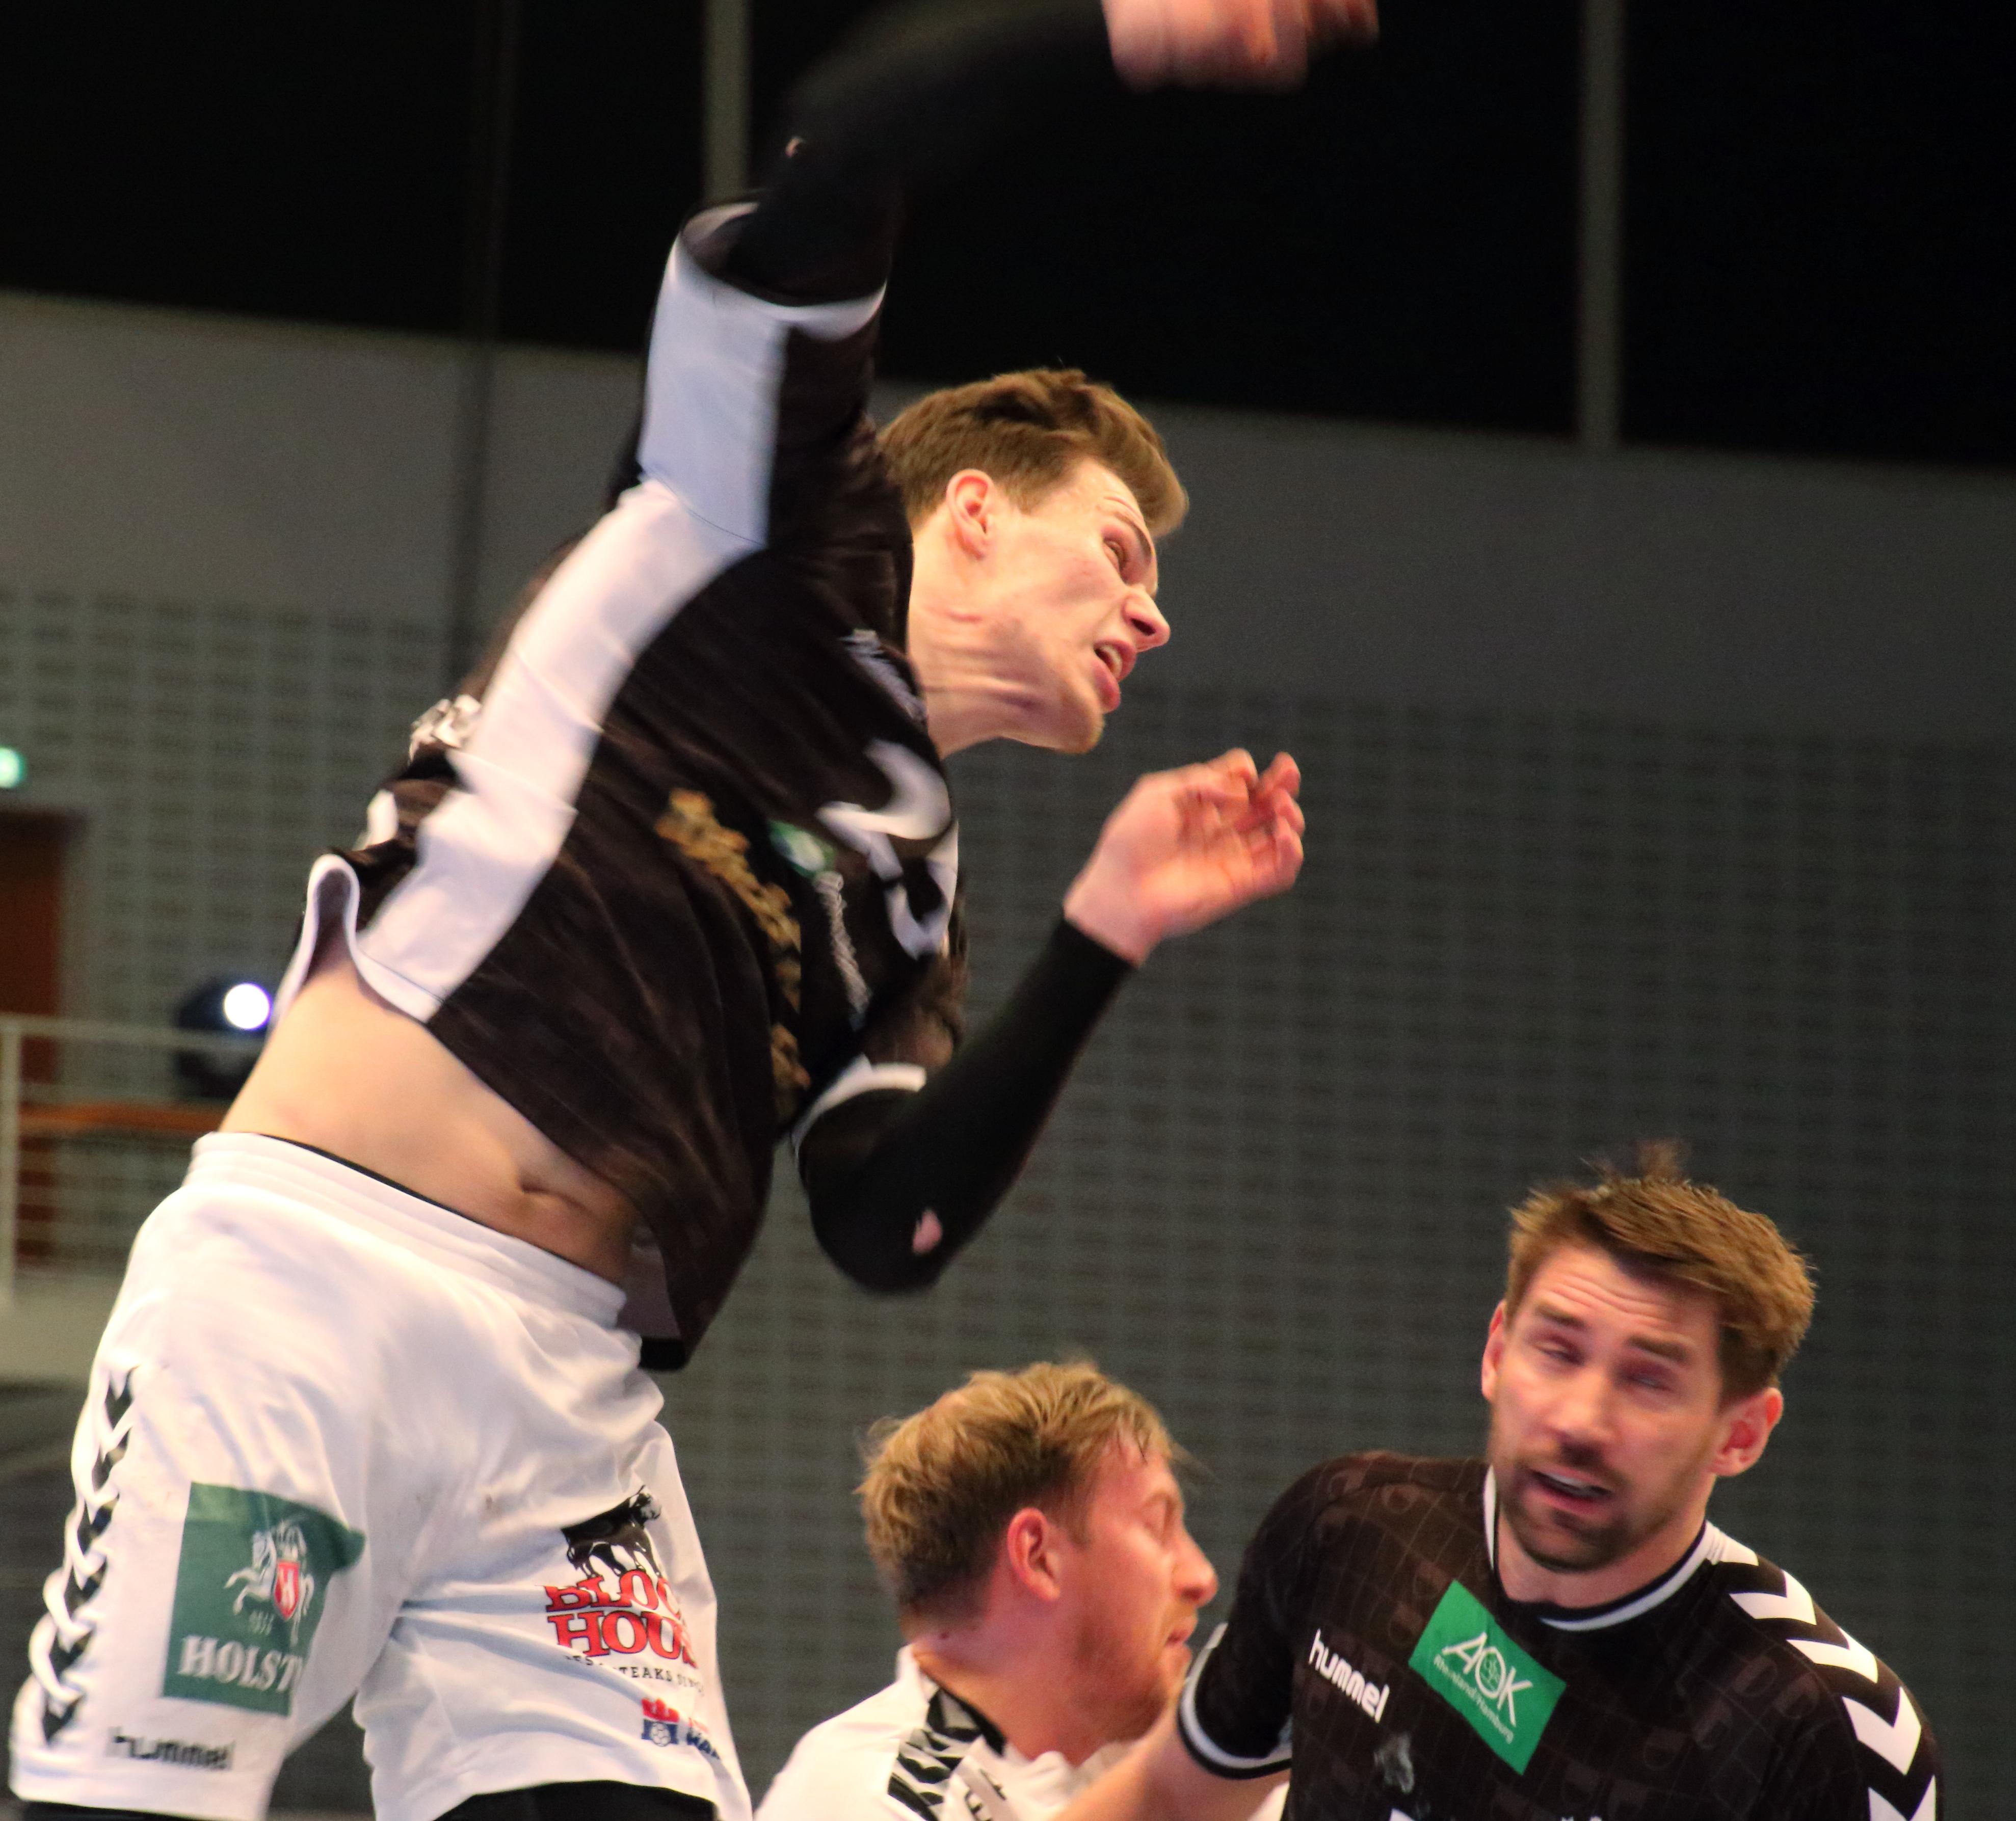 Finn Wullenweber